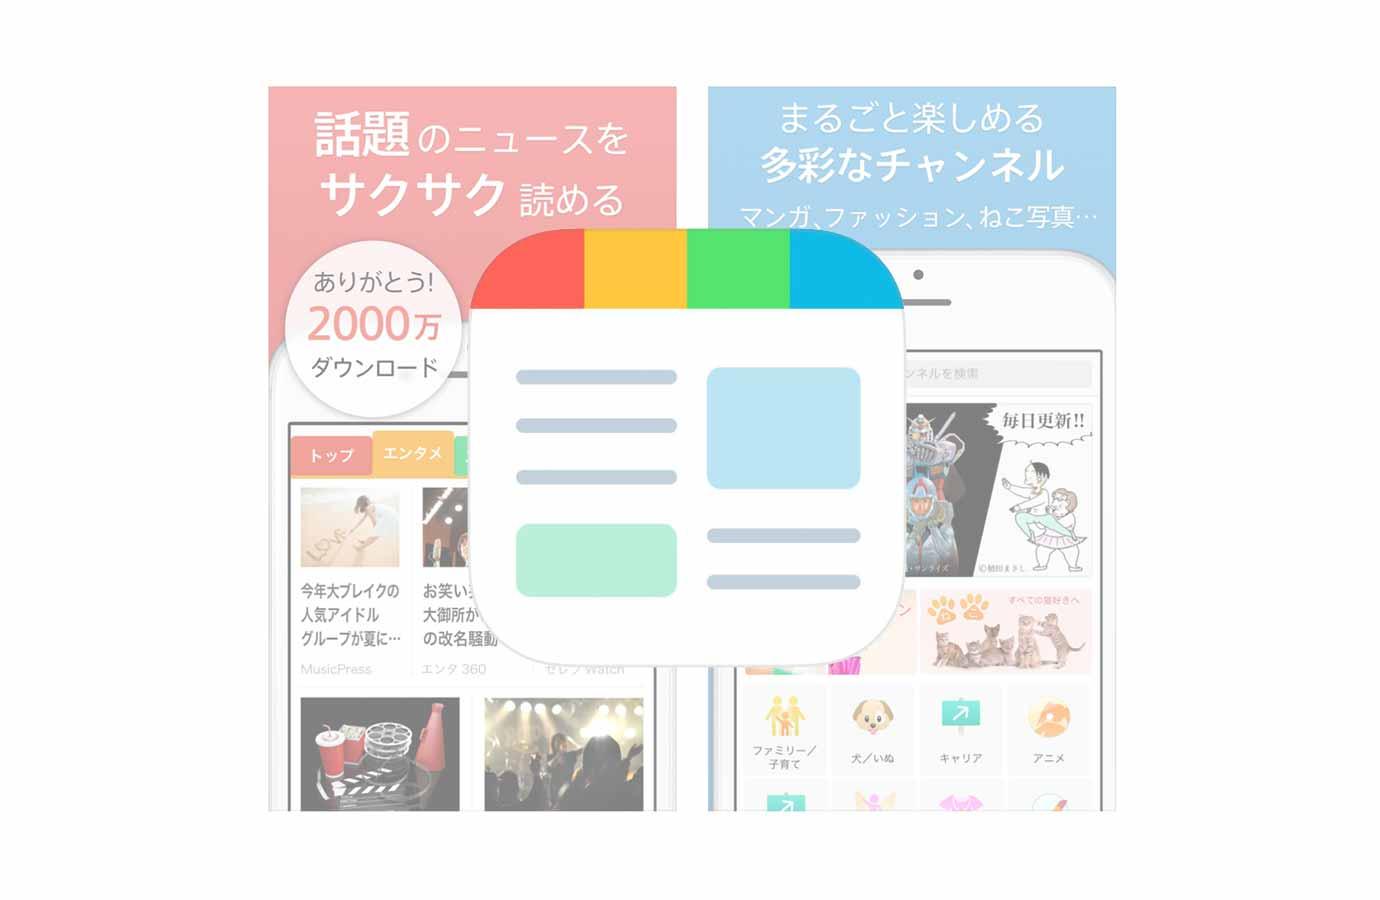 SmartNews、スライダーで素早くチャンネルを切り替え可能になったiOSアプリ「スマートニュース 5.0.0」リリース